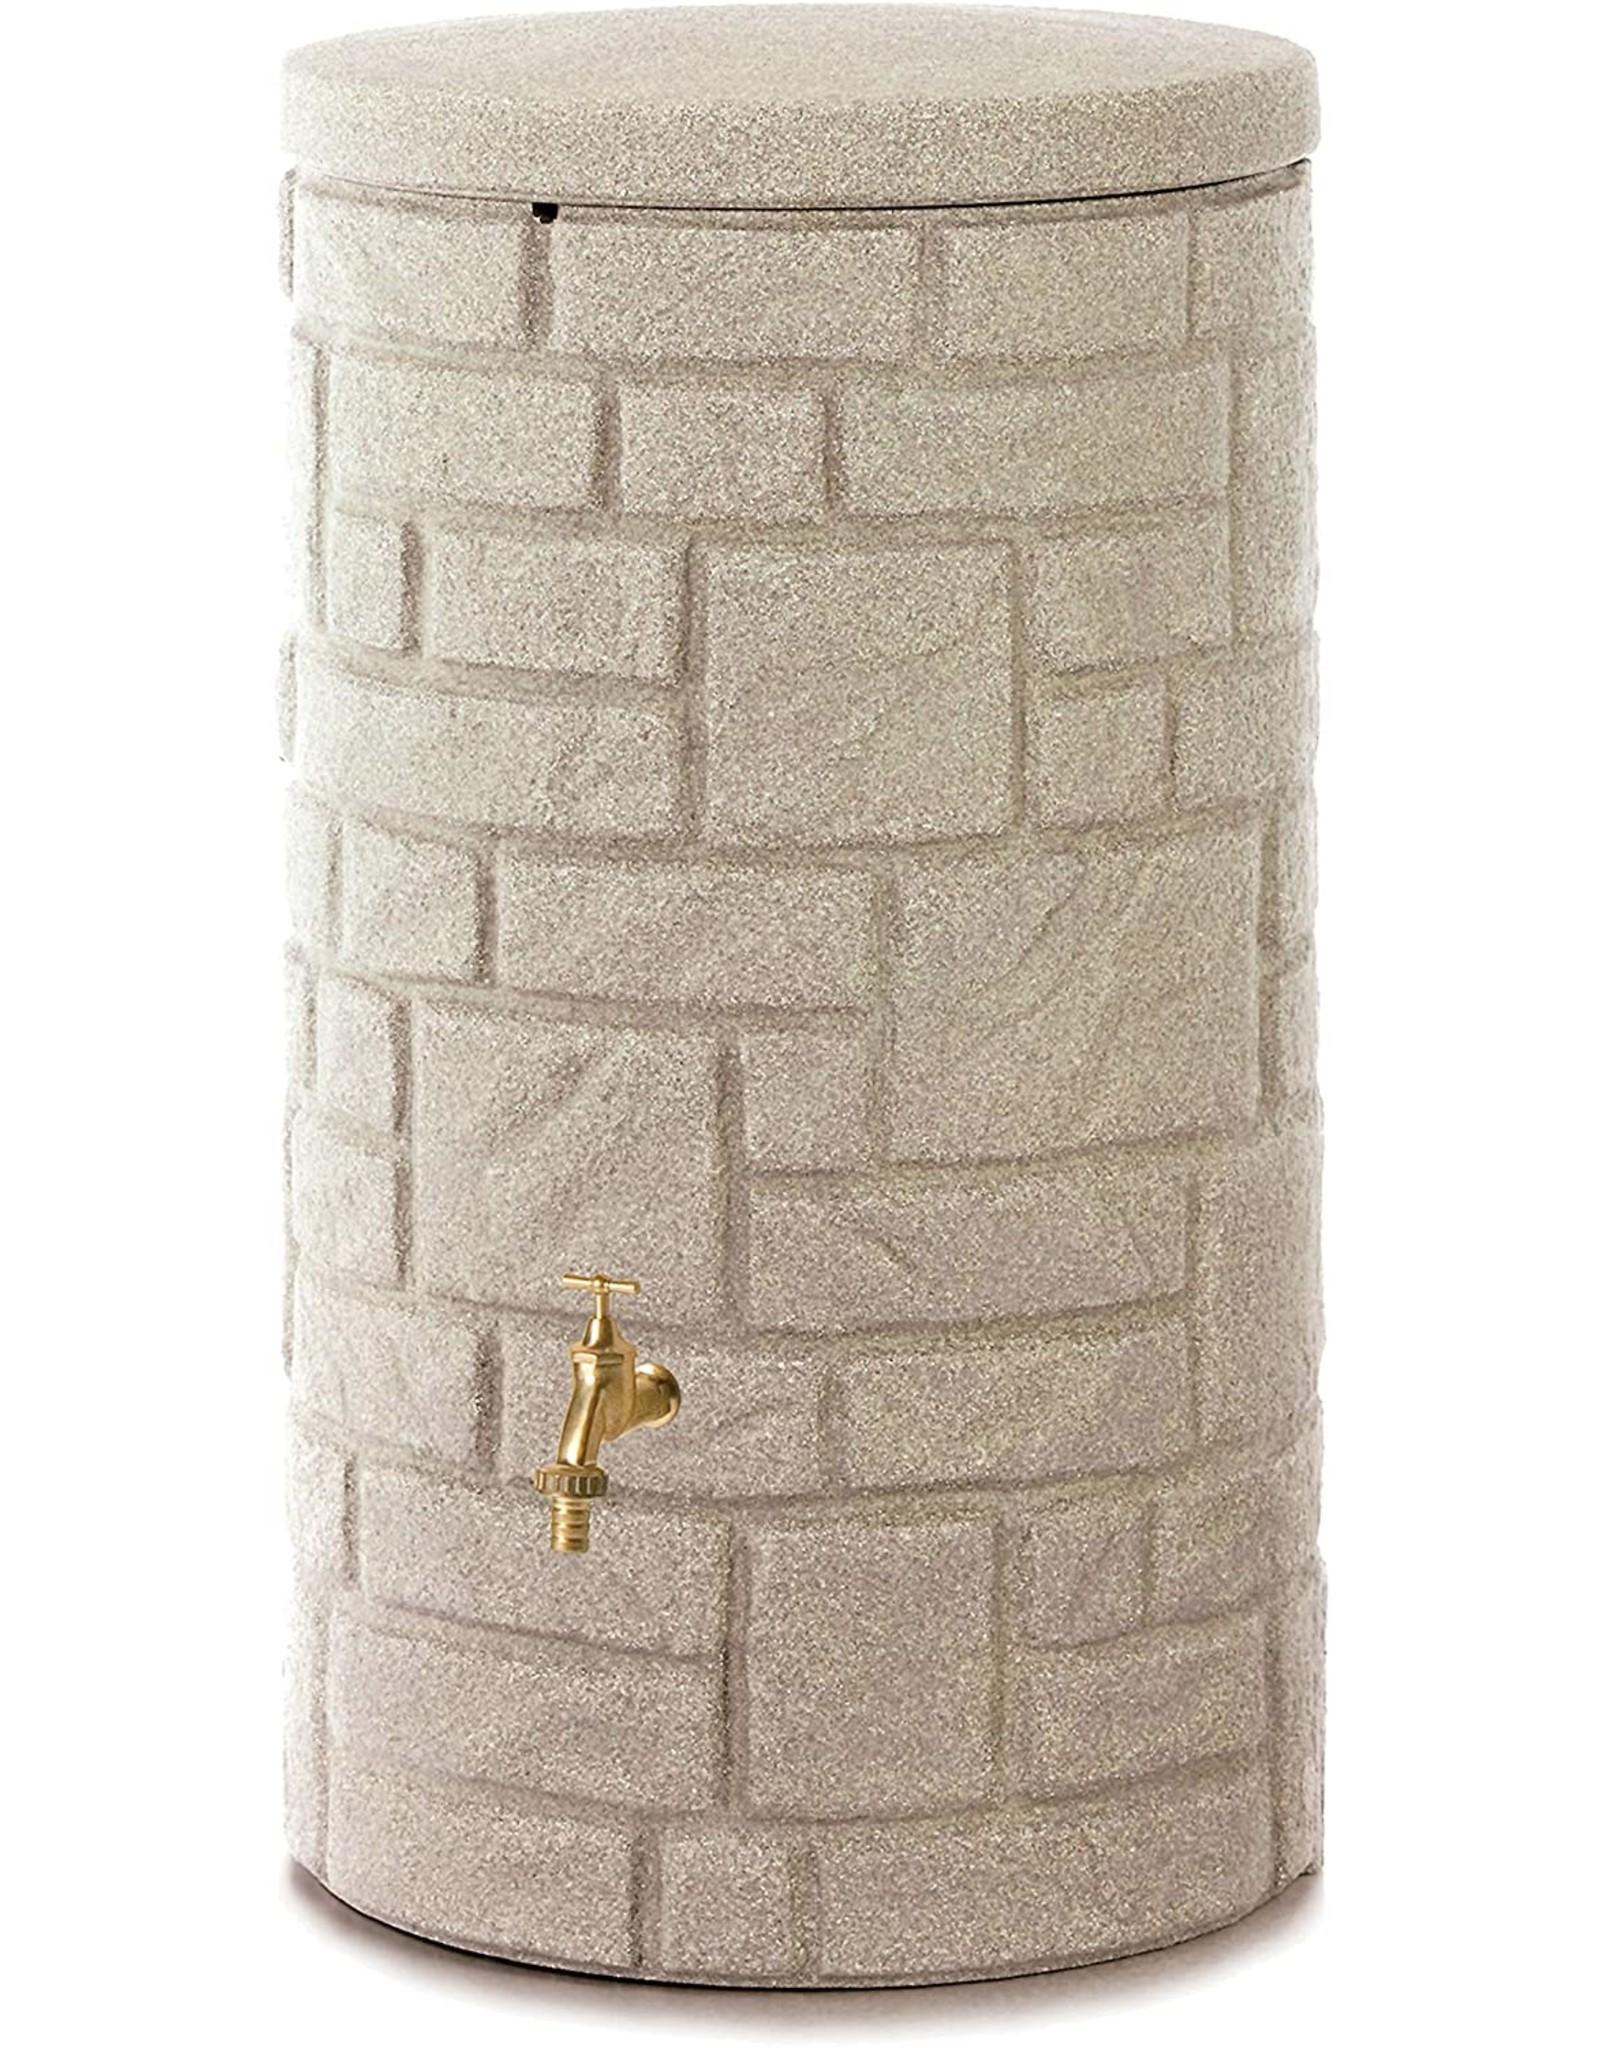 Regenton Arcado 230L sandstone